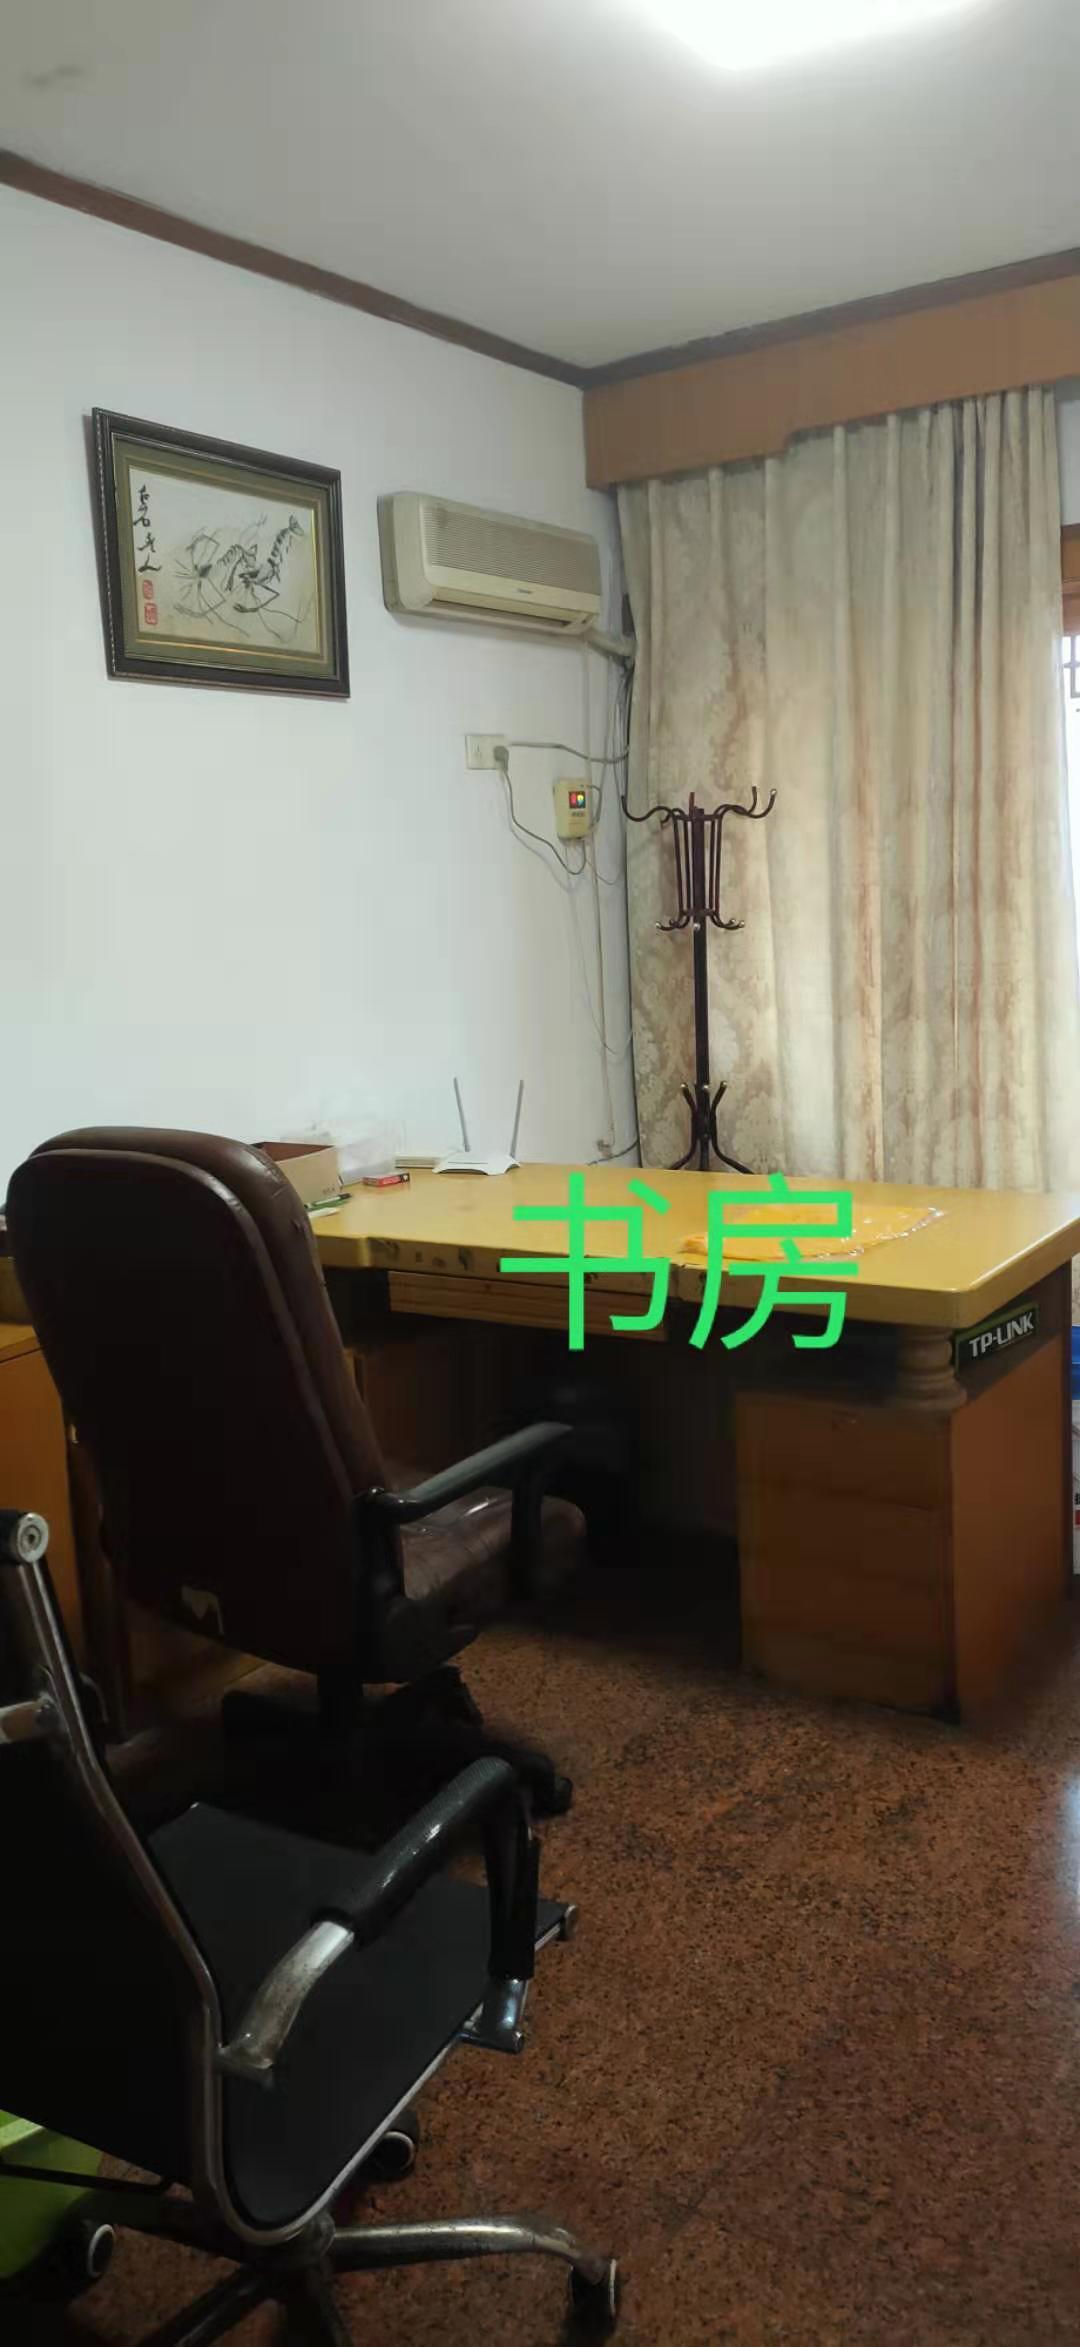 12288出售新昌县南明街道临城一村教师之家5+6,126平方,外梯,等于二套,4室2厅1卫,带露台,售价115万的实拍照片